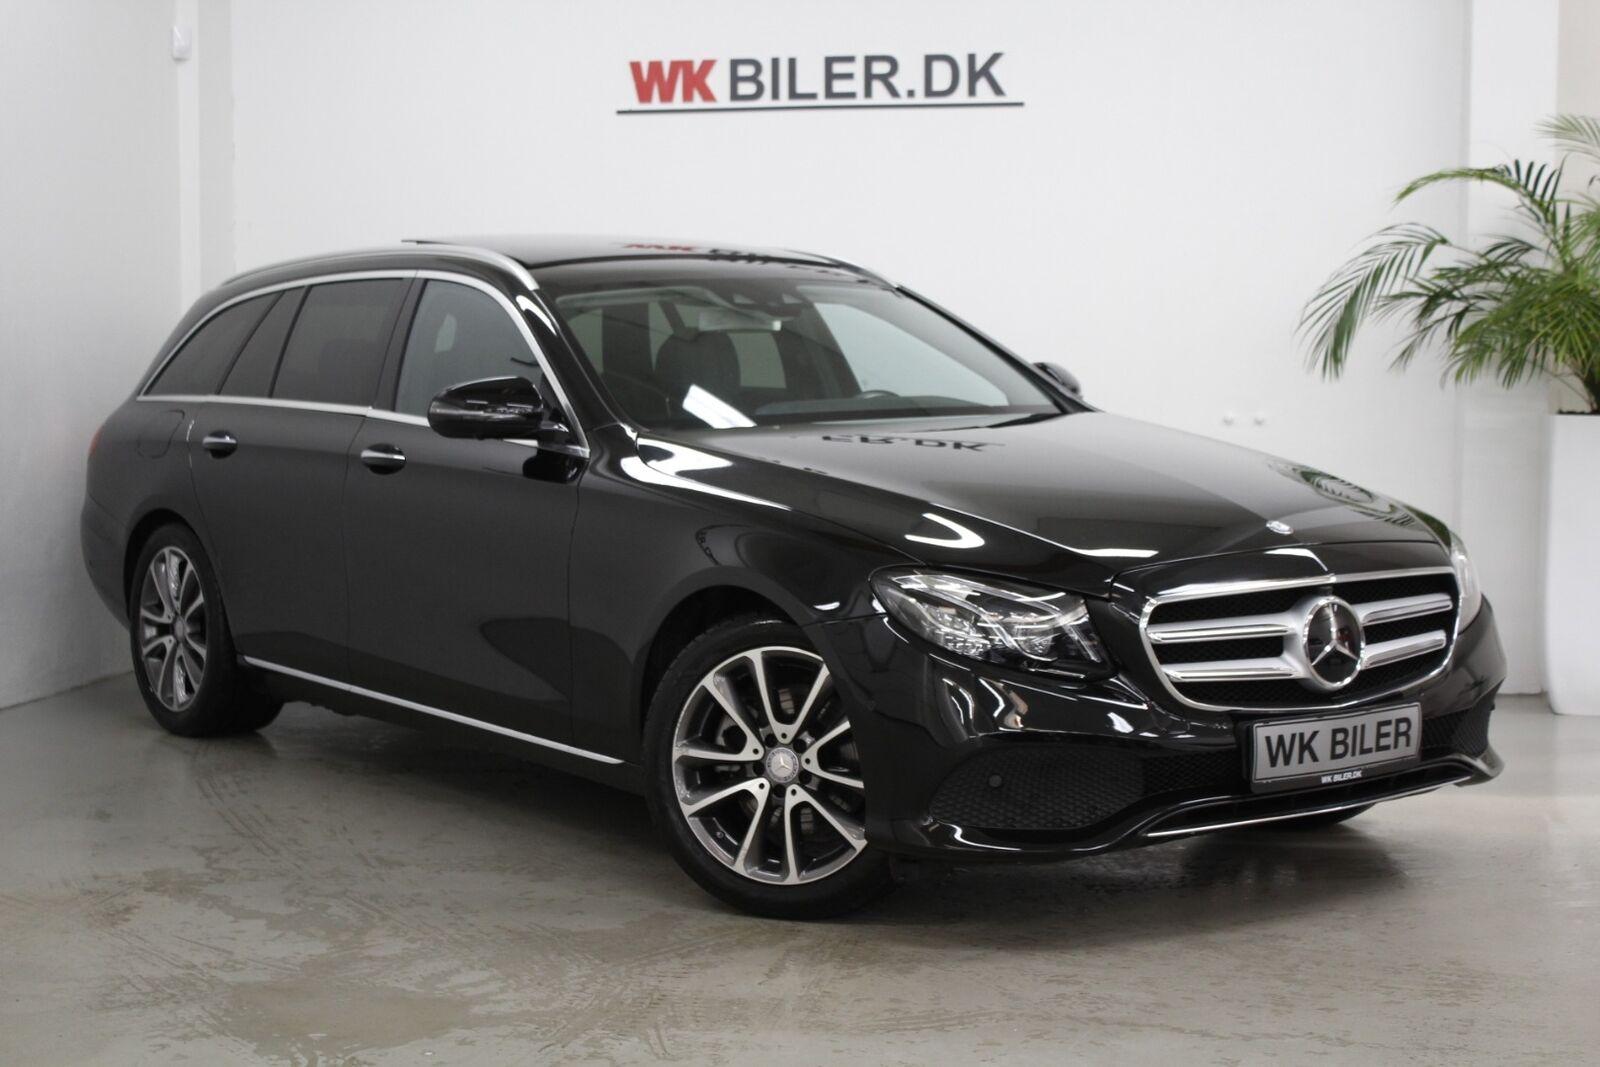 Mercedes E220 d 2,0 Avantgarde stc. aut. 5d - 3.495 kr.